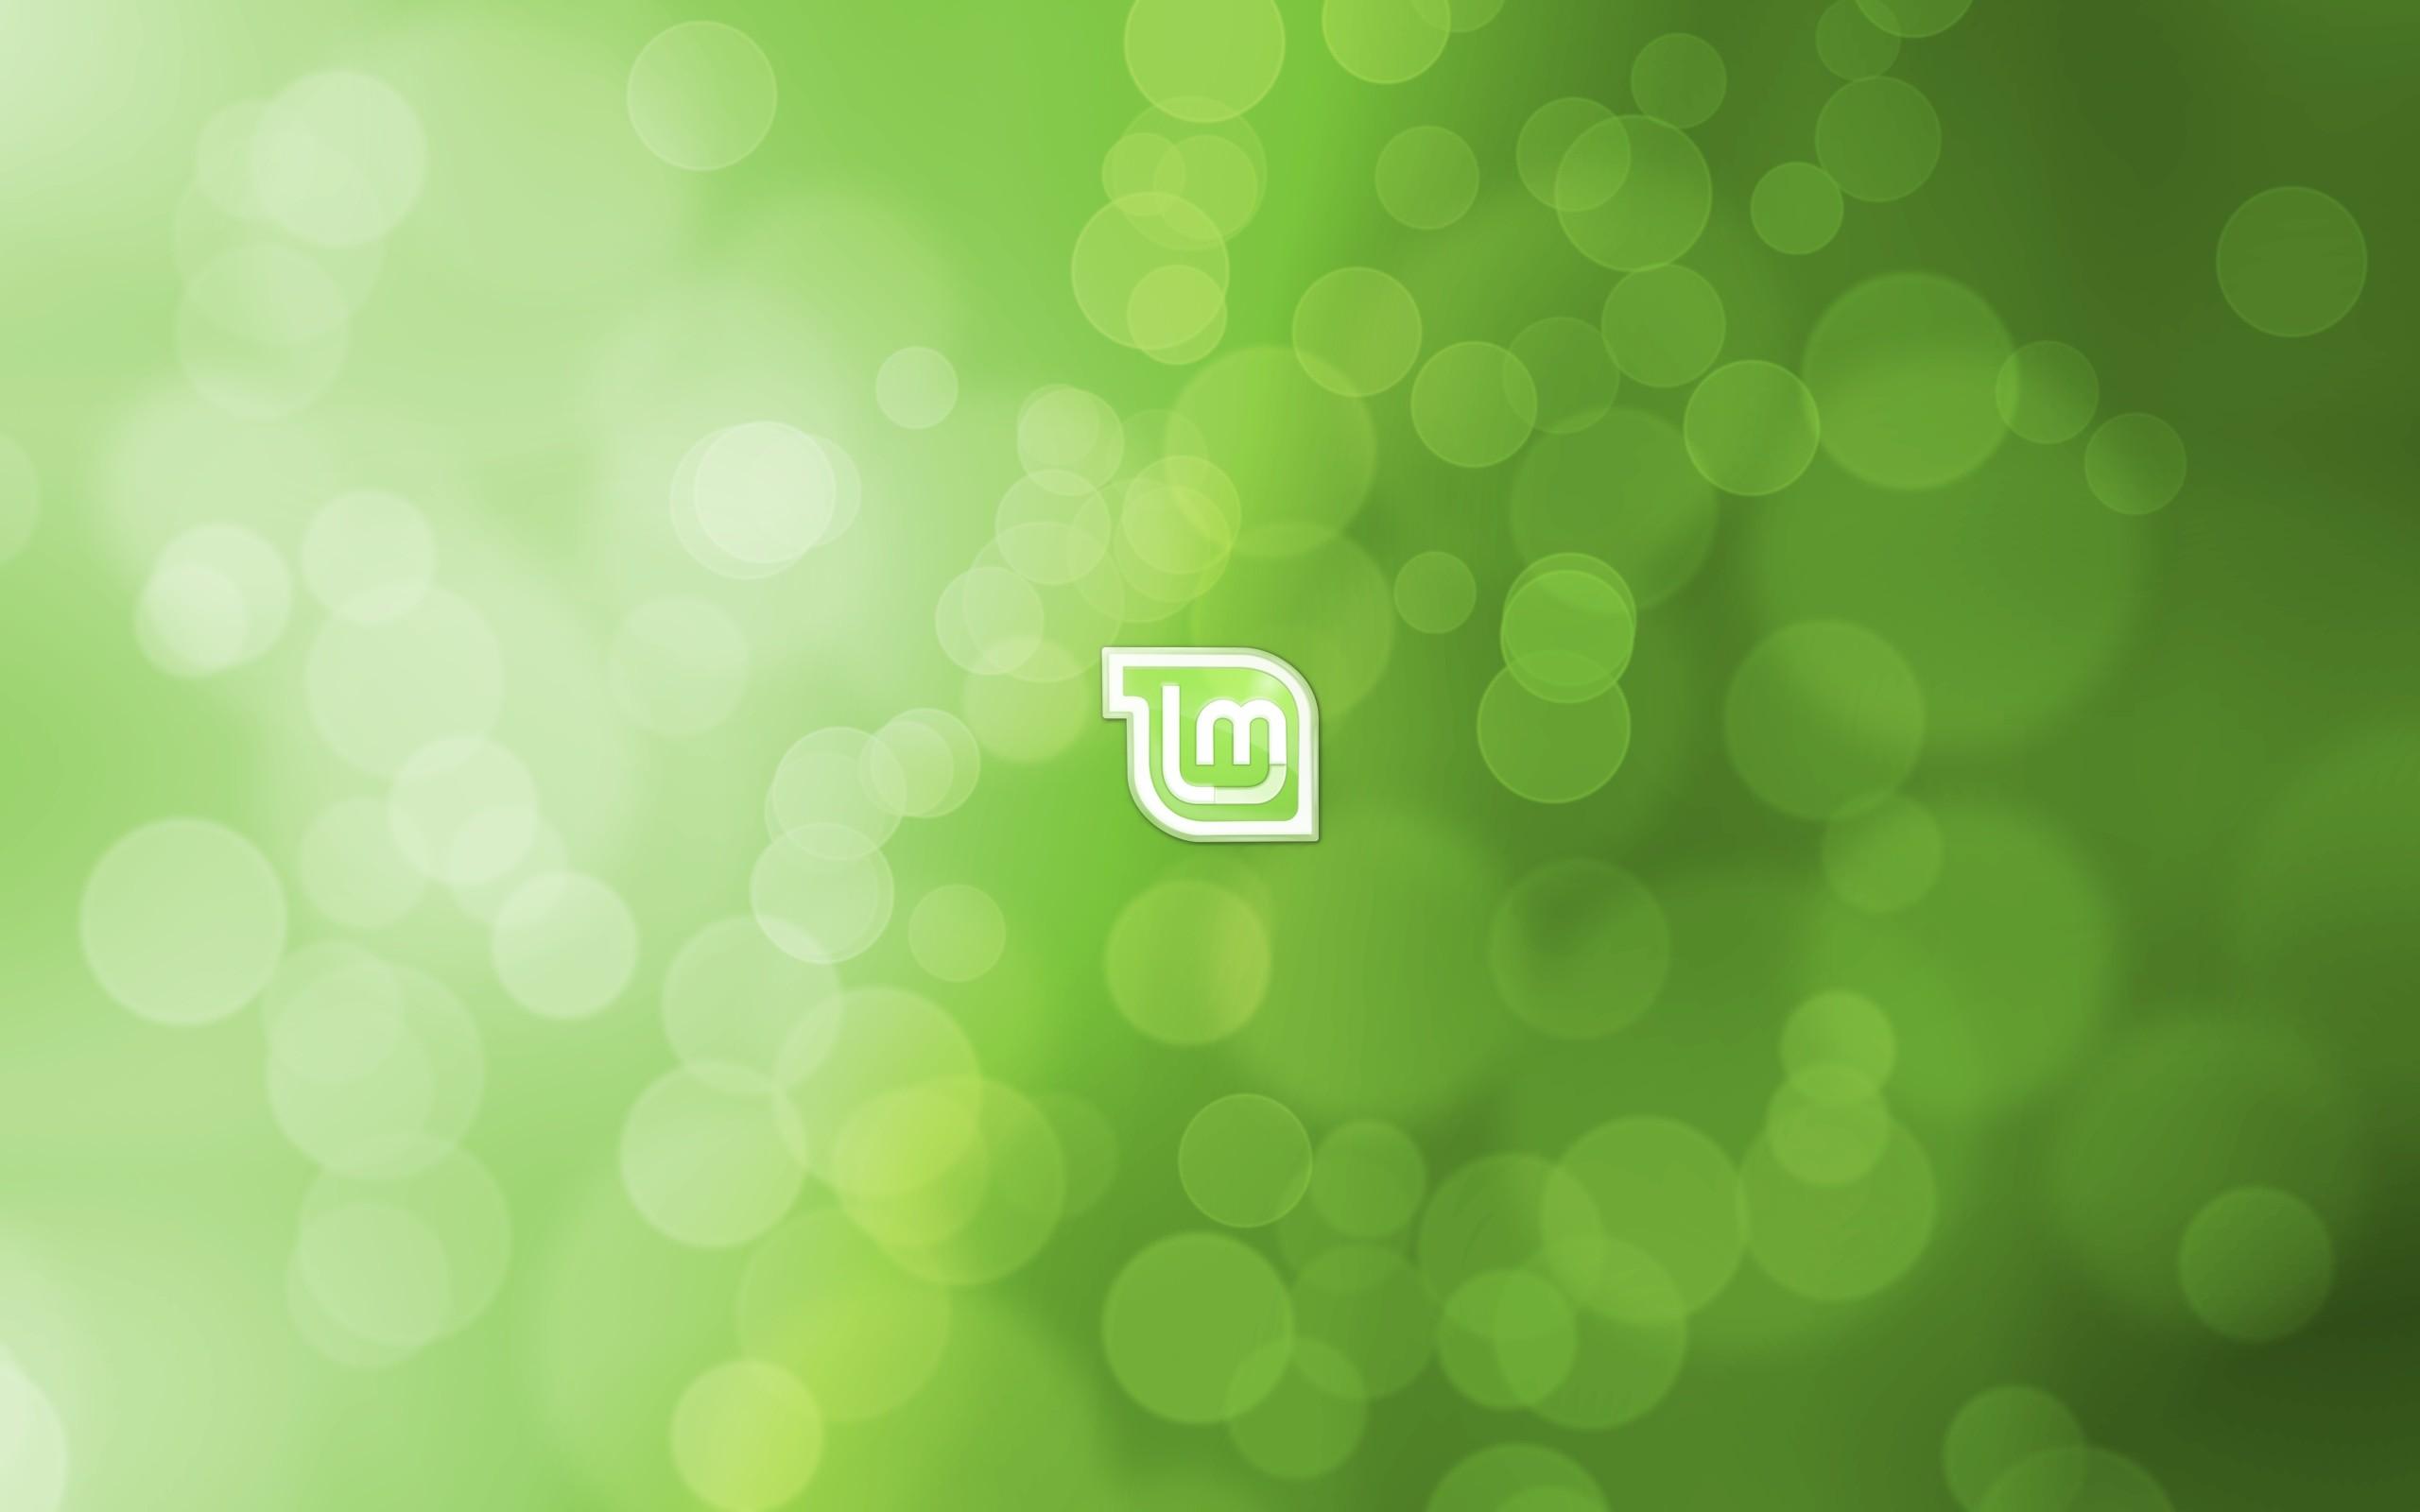 linux mint wallpaper 1920x1080 83 images